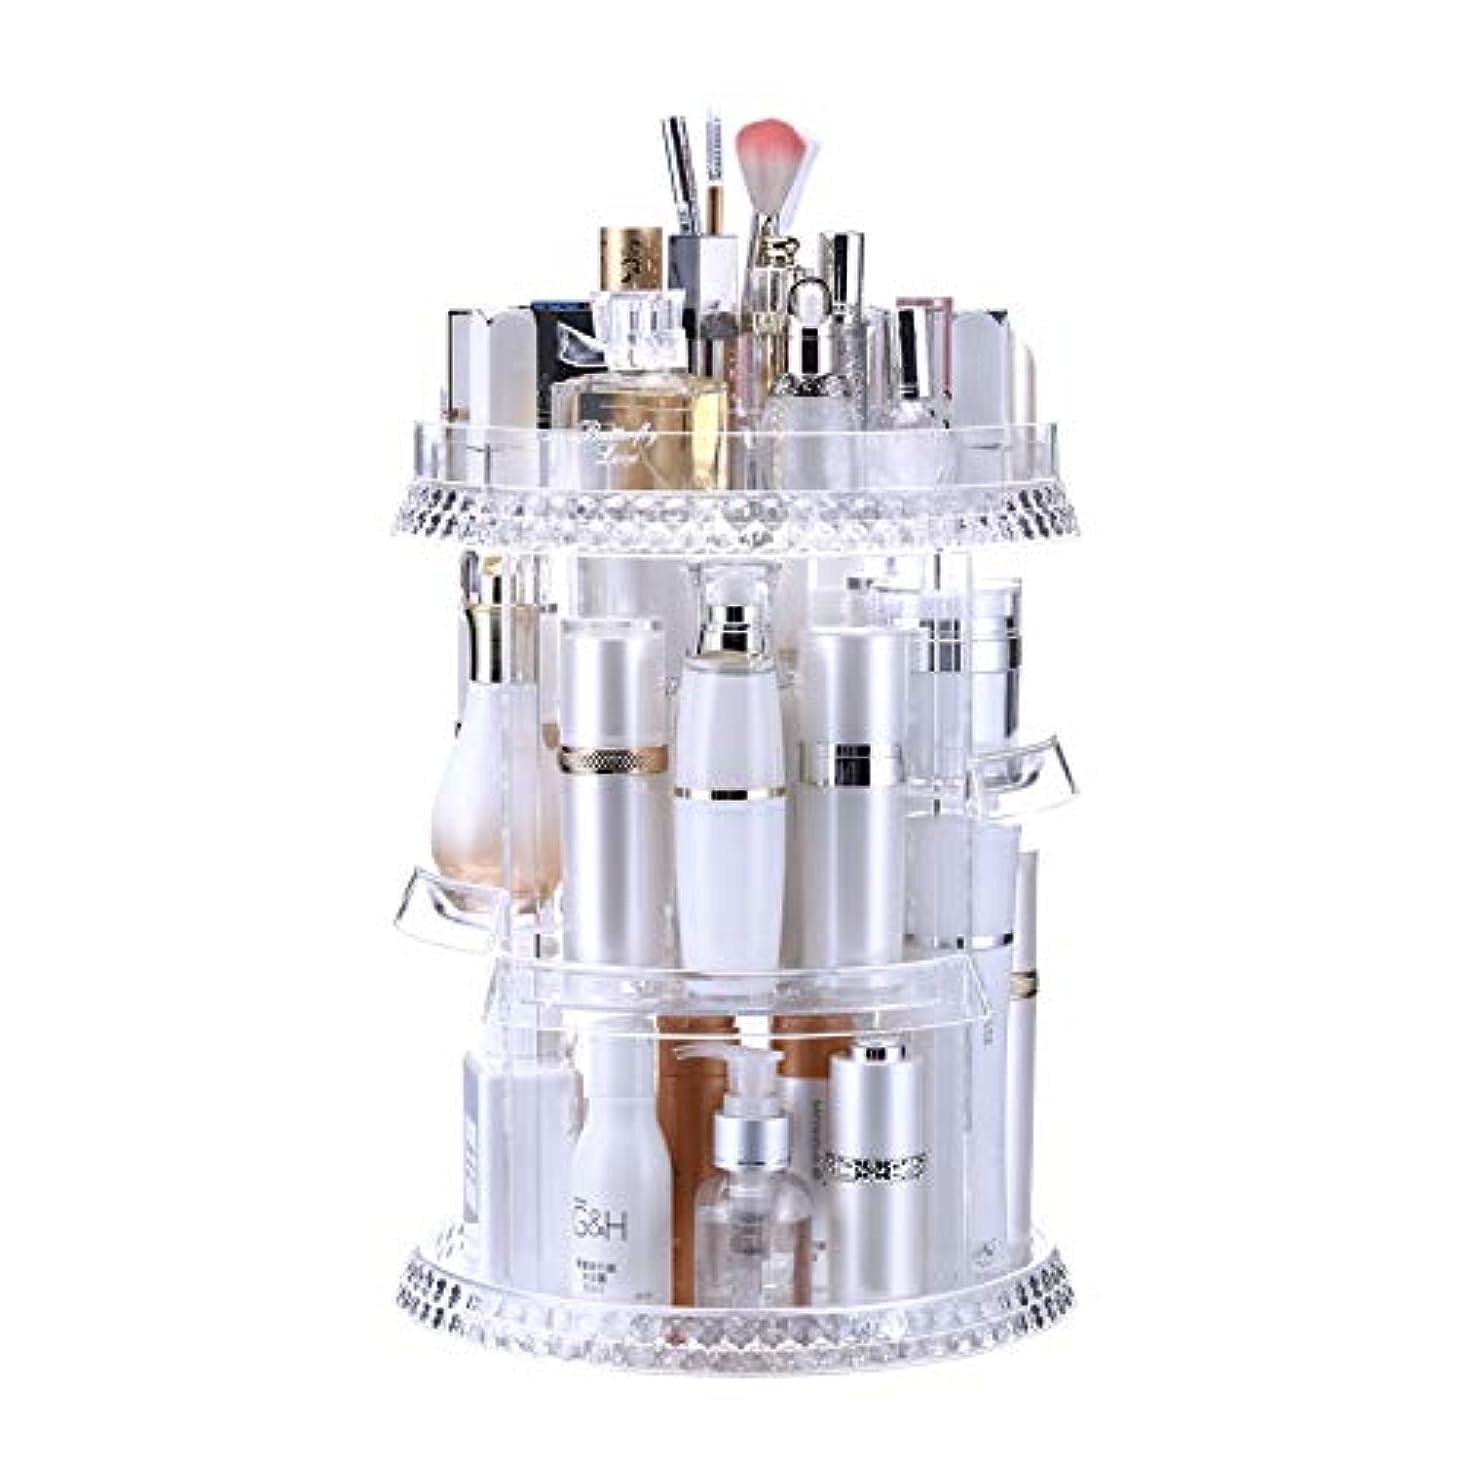 忠誠余計なことわざStarmory メイクボックス 360度回転式 大容量 (ダイヤモンドクリスタルスタイル) メイクケース 香水 口紅 化粧道具 収納 高さ調節可能 透明プラスチック化粧品ケース